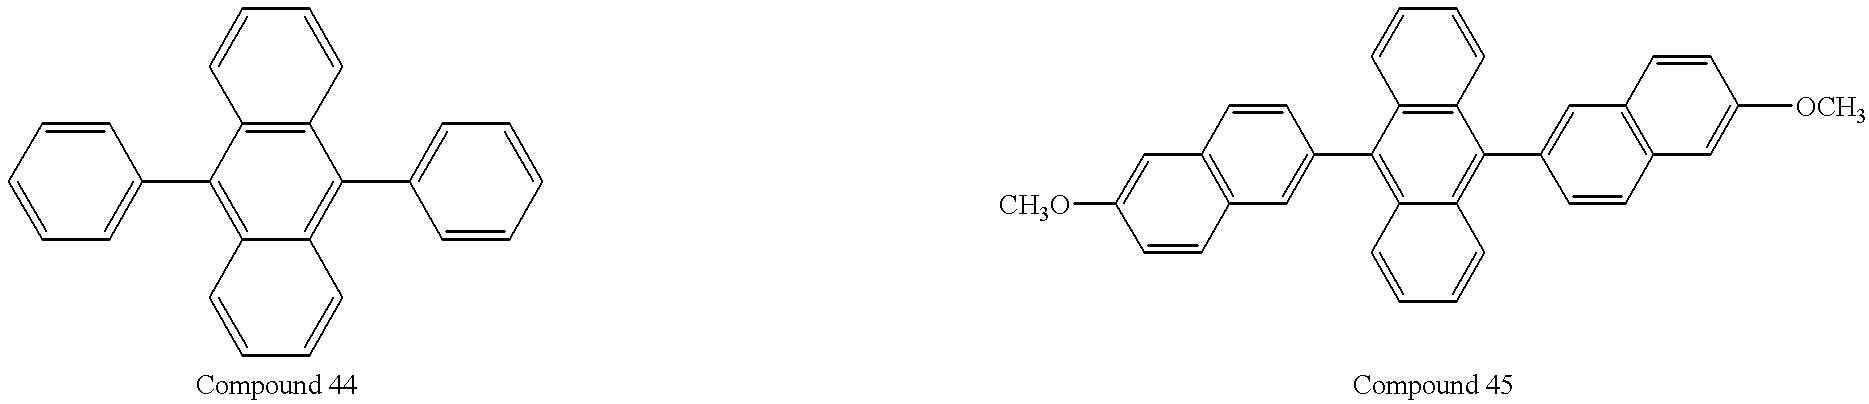 Figure US06361886-20020326-C00012